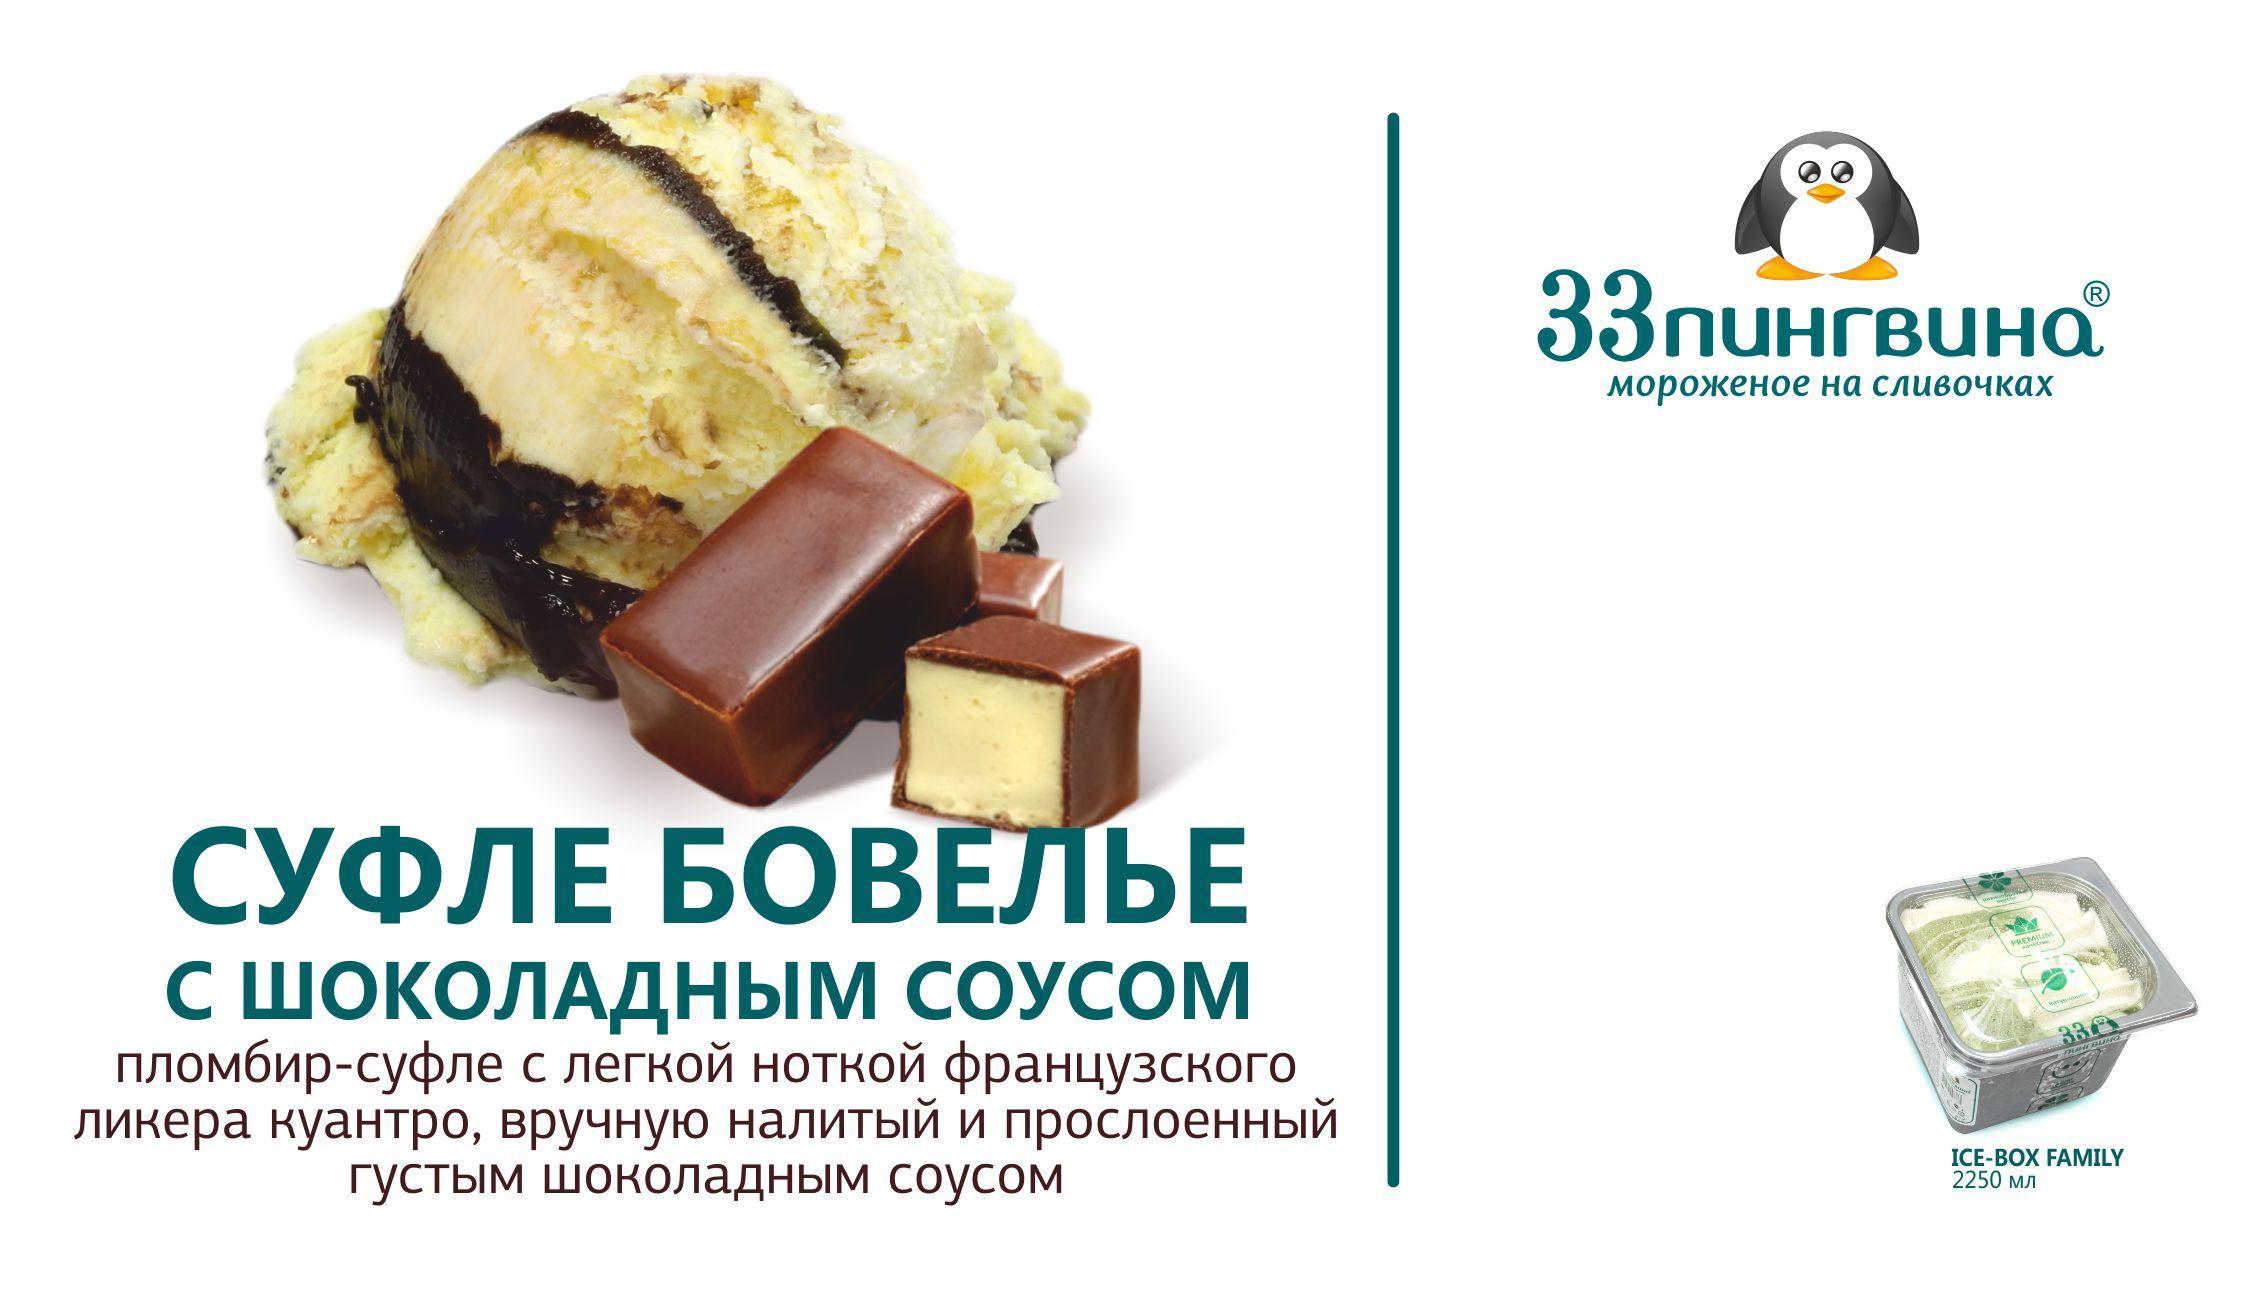 Мороженое 33 Пингвина Суфле Бовелье с шоколадным соусом